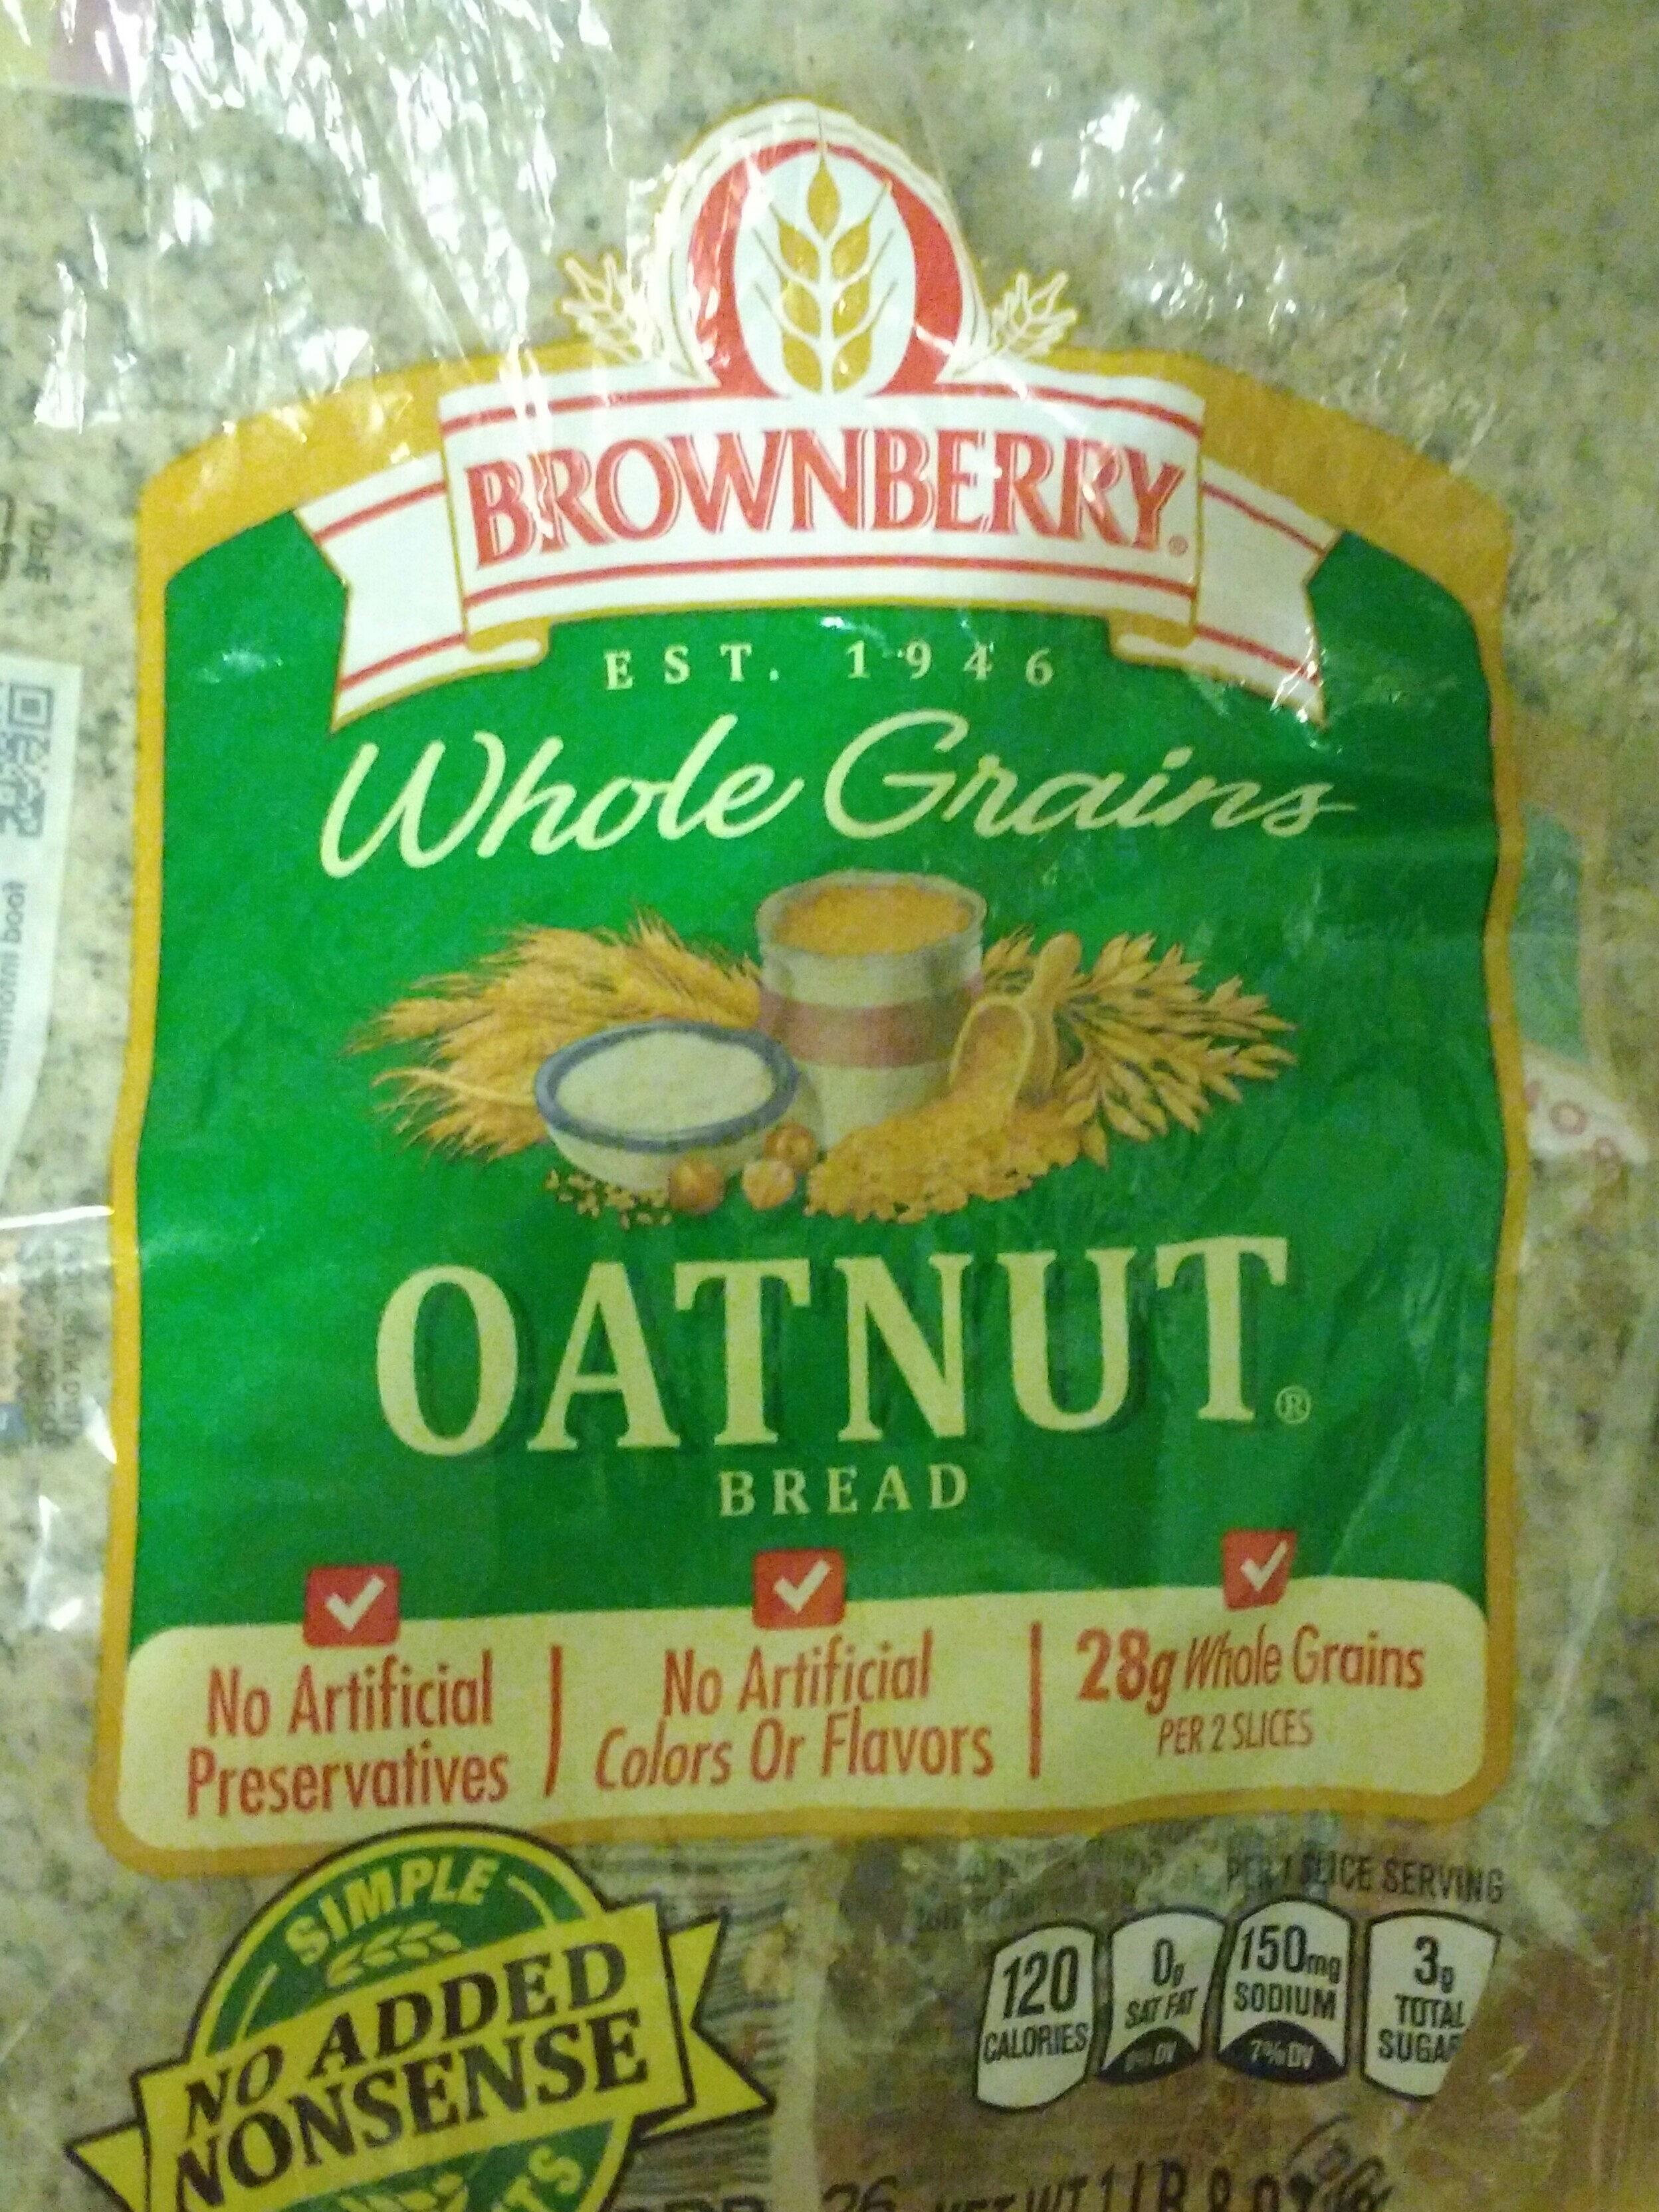 Oatnut bread, oatnut - Product - en